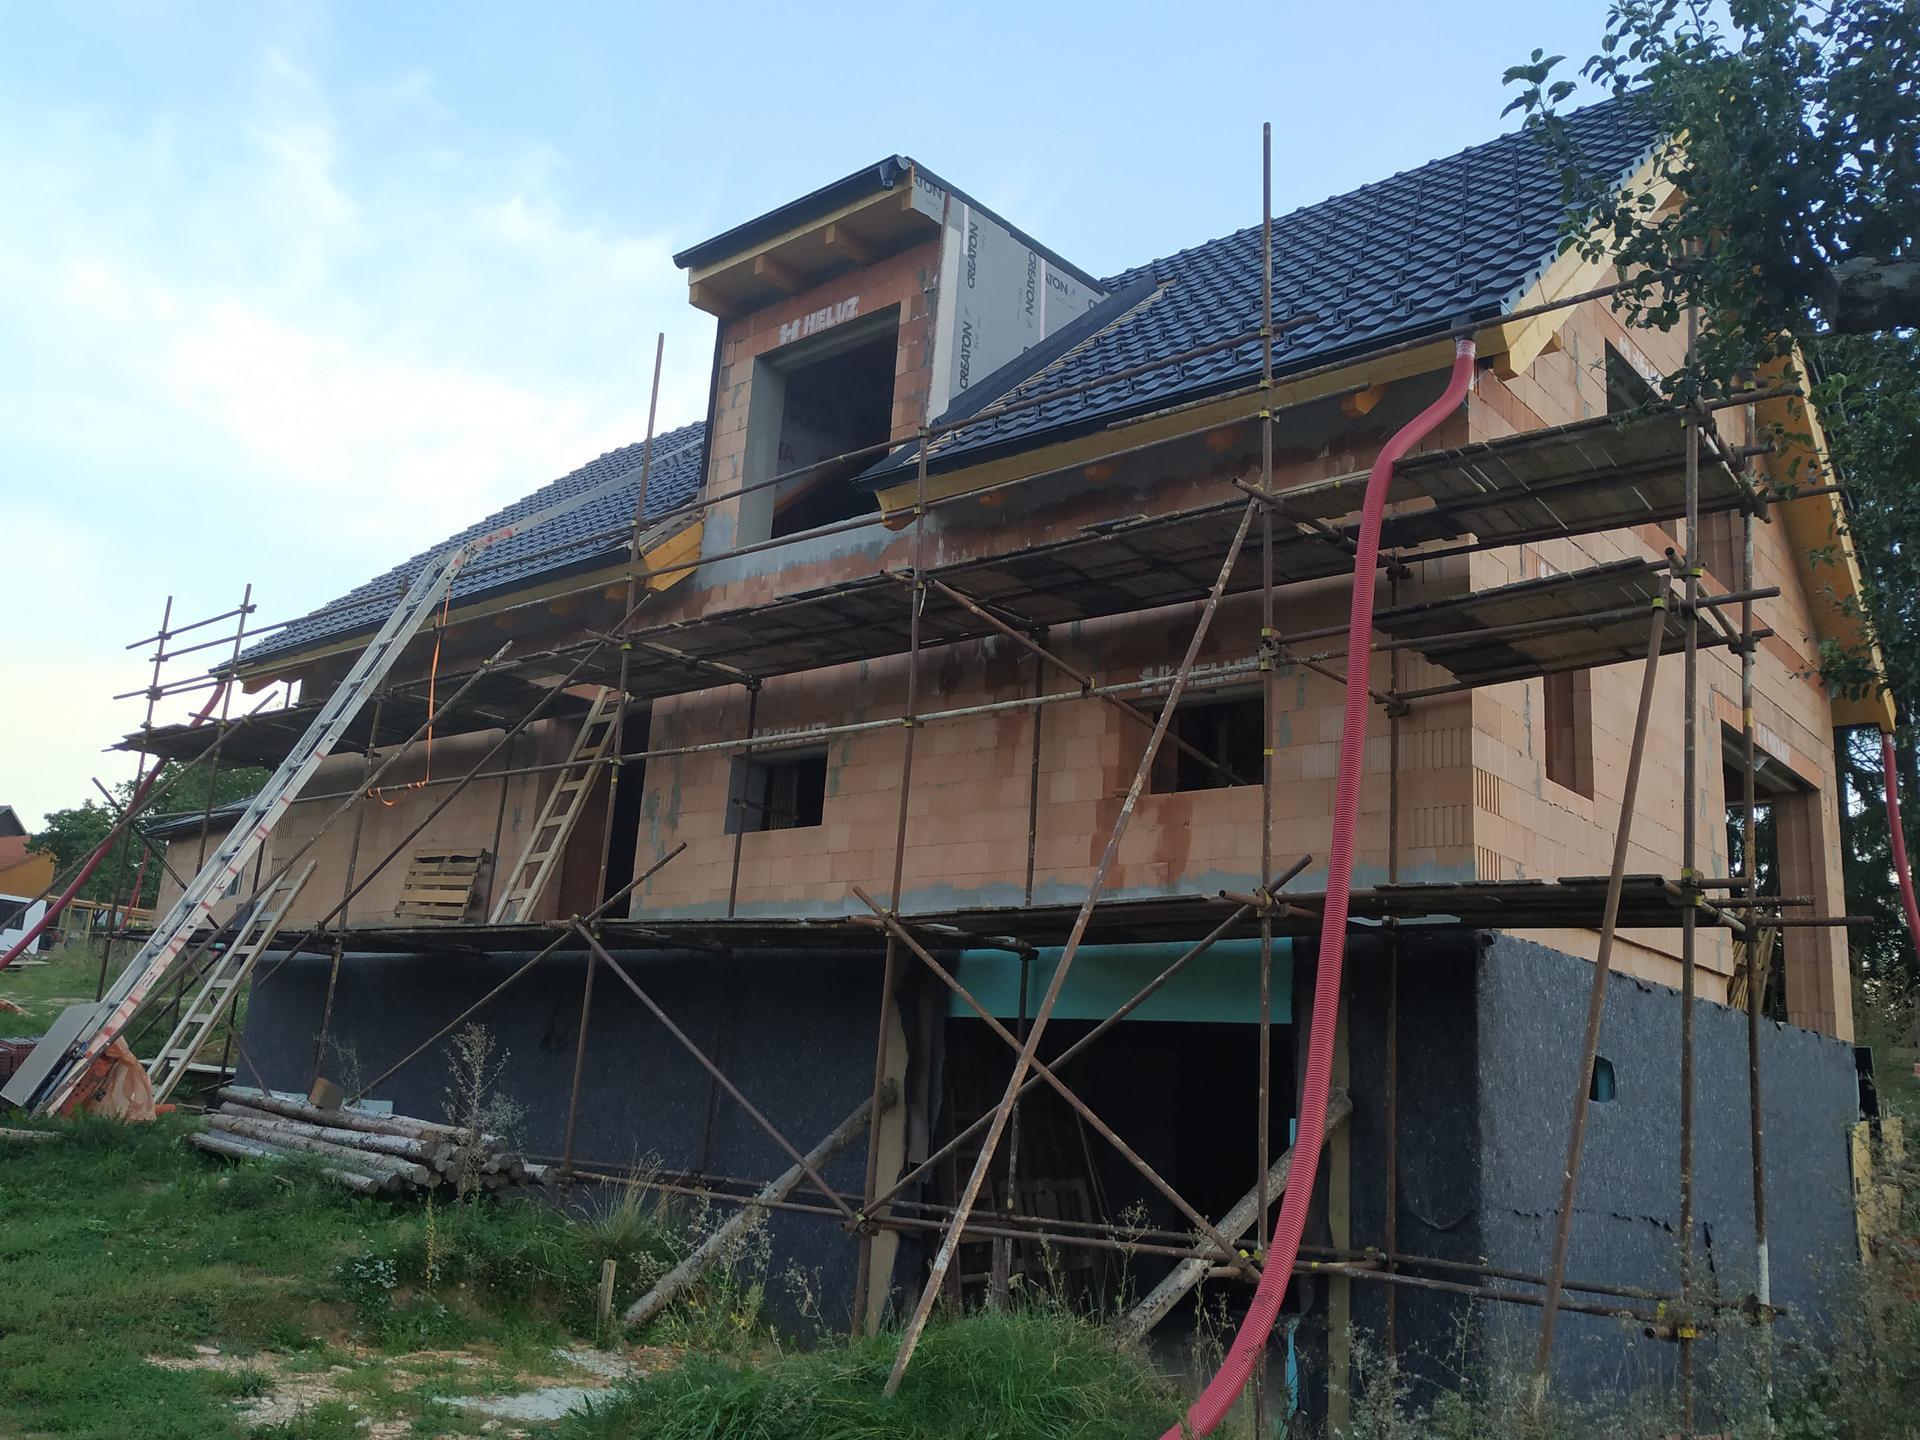 2020 Ze sklepa pod střechu a dál - Obrázek č. 39